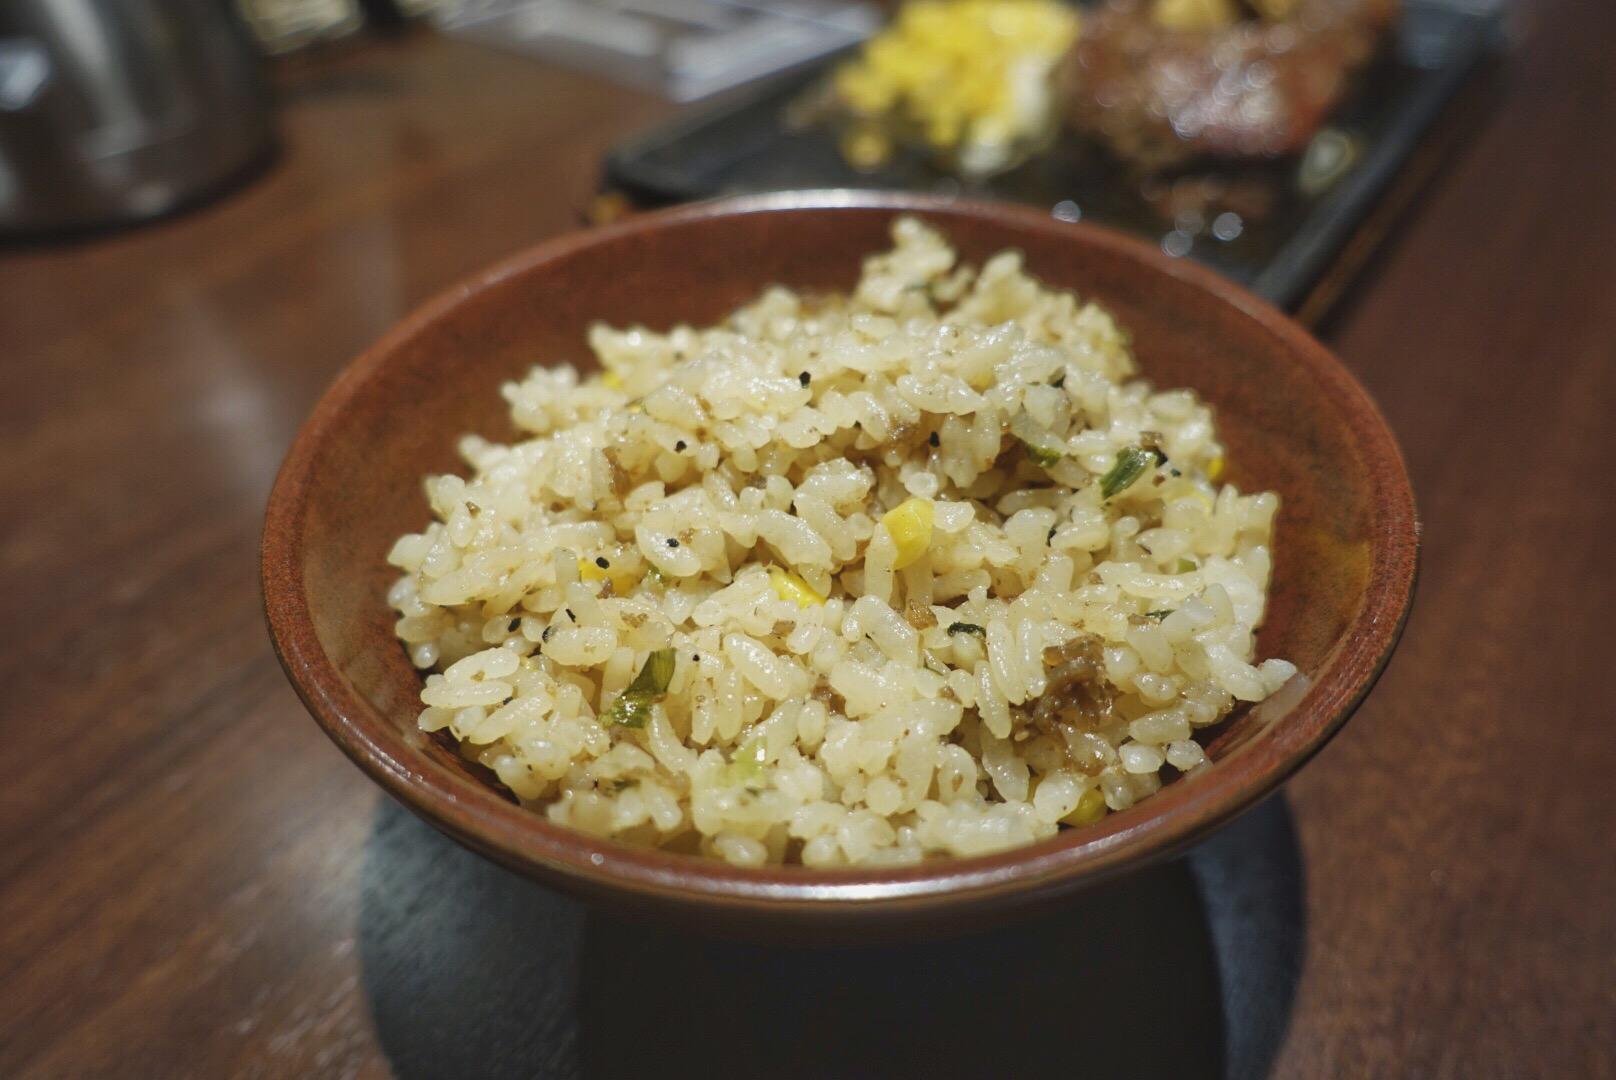 Garlic rice (side dish)